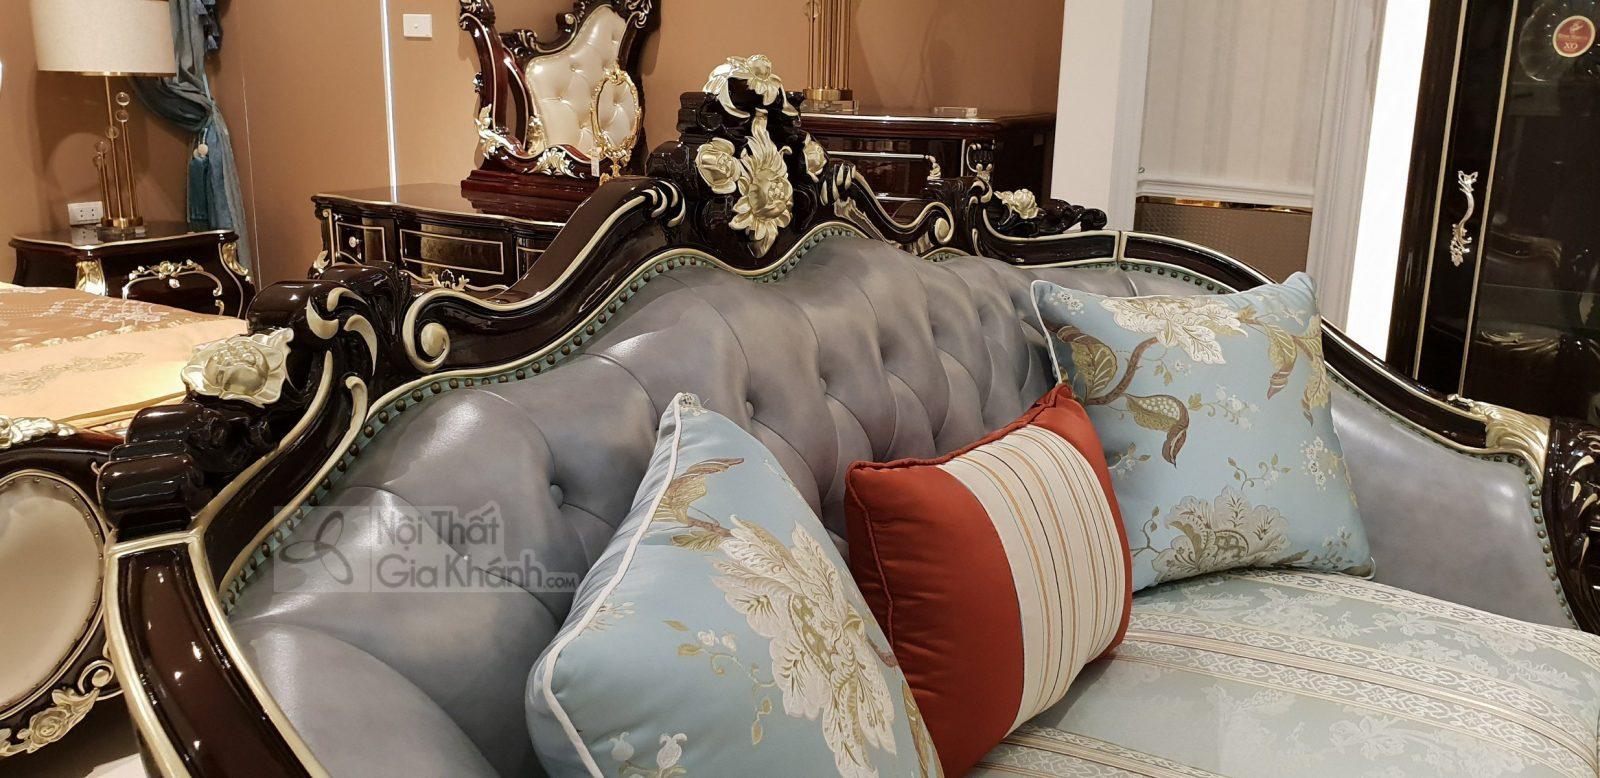 Bộ Sofa Da Cao Cấp Màu Nâu Phong Cách Tân Cổ Điển G936Sf